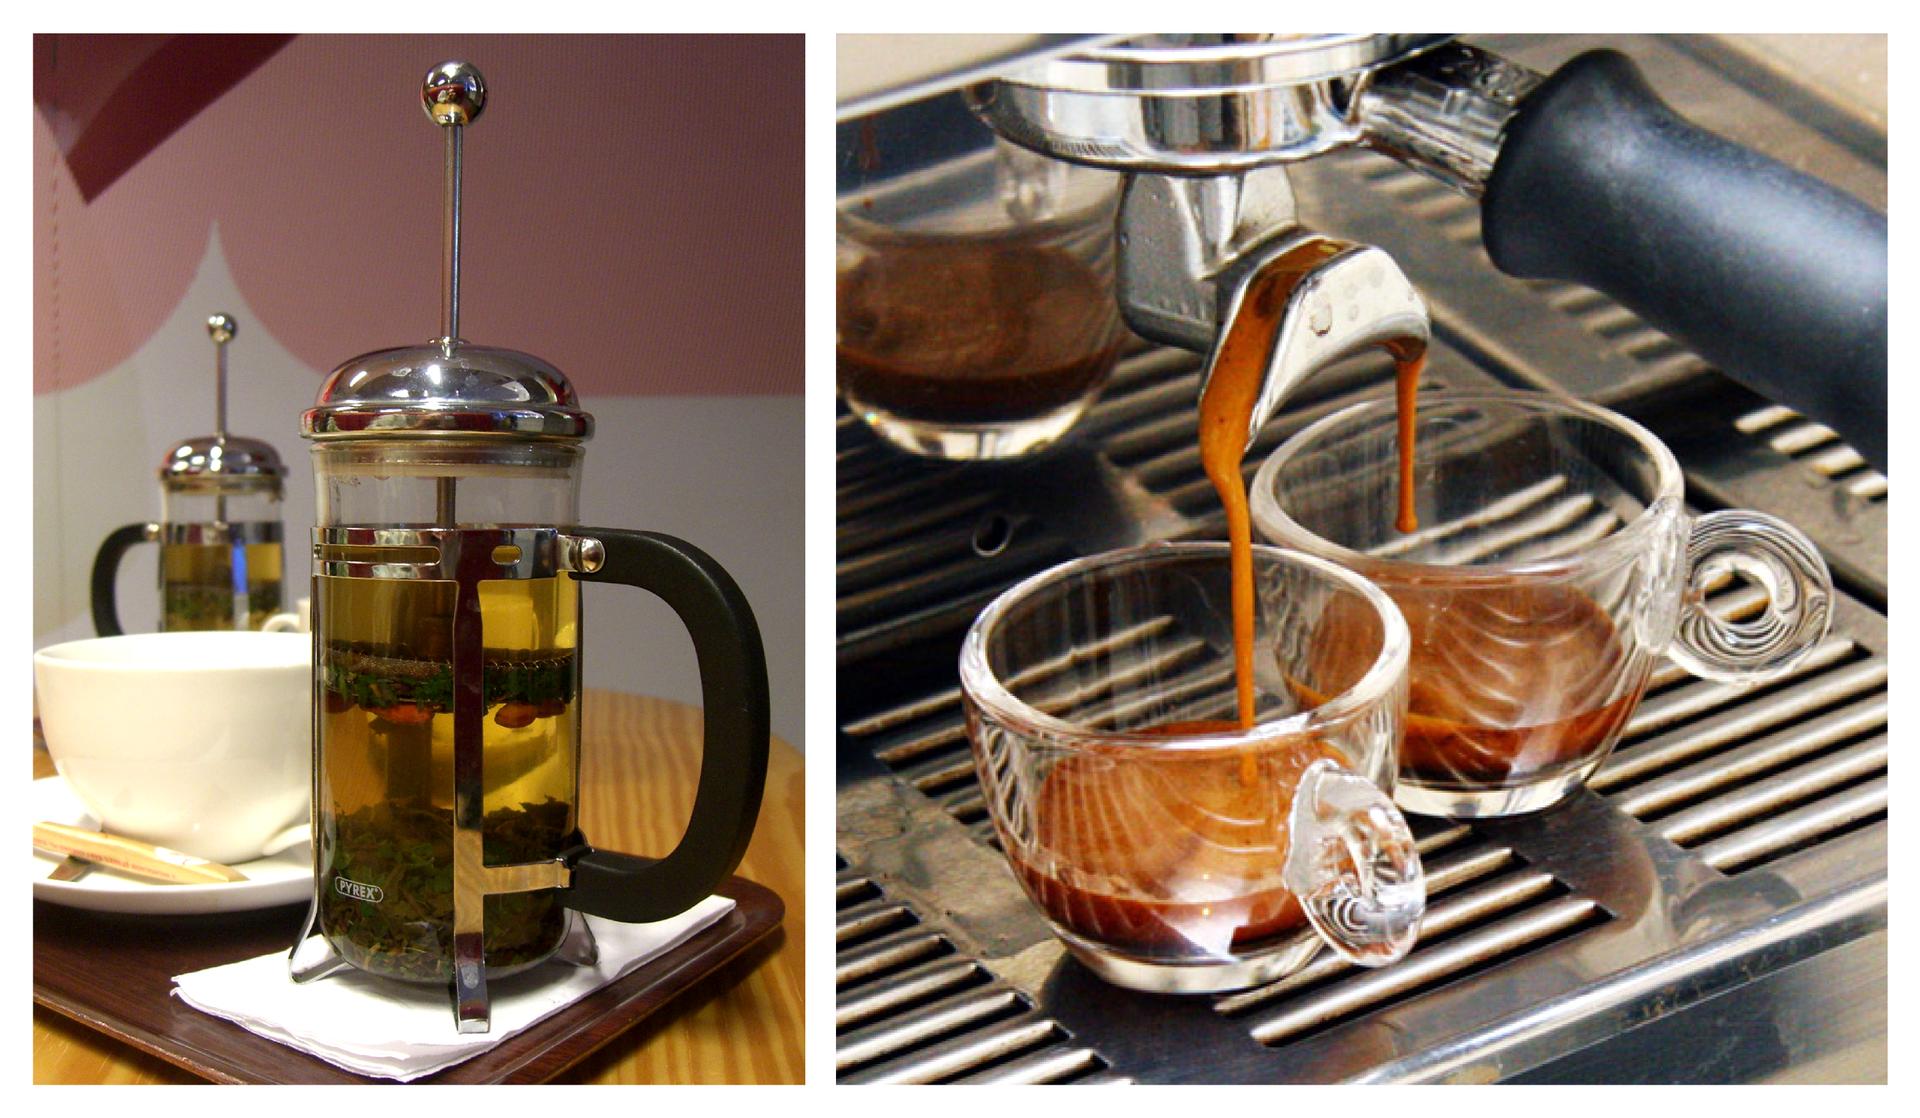 Ilustracja przedstawia dwa zdjęcia przyrządów działających woparciu ozjawisko ekstrakcji. Na lewym znajduje się fragment stolika zpustą filiżanką zdwoma zaparzaczkami do wyposażonymi wrączki iwysuwane koszyczki. Na zaparzaczce znajdującej się na pierwszym planie widać, że przygotowywana jest wniej zielona herbata. Zdjęcie zprawej strony przedstawia wzbliżeniu element wylotowy ciśnieniowego ekspresu do kawy przystosowany do napełniania dwóch filiżanek na raz. Pod nim znajdują się dwie małe, właśnie napełniane szklane filiżanki do espresso .